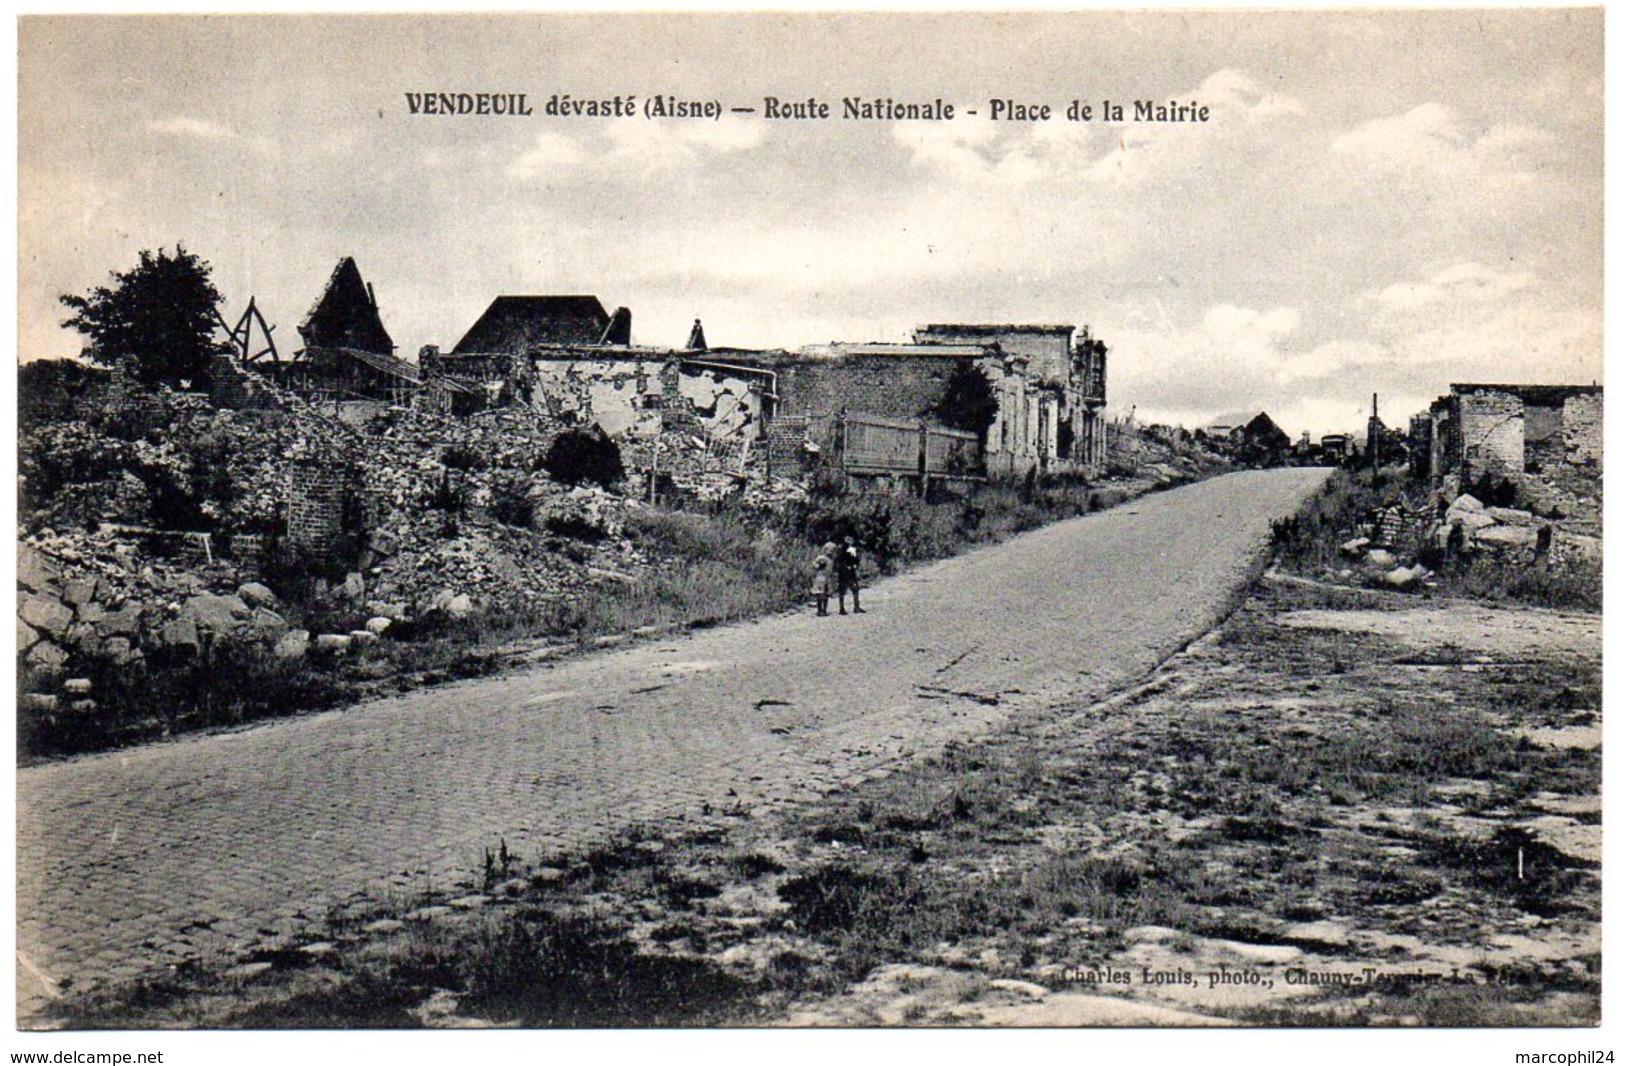 AISNE - Dépt N° 02 = VENDEUIL Dévasté = CPA NEUVE  SUPERBE = CHARLES LOUIS = La Place De La Mairie - Other Municipalities